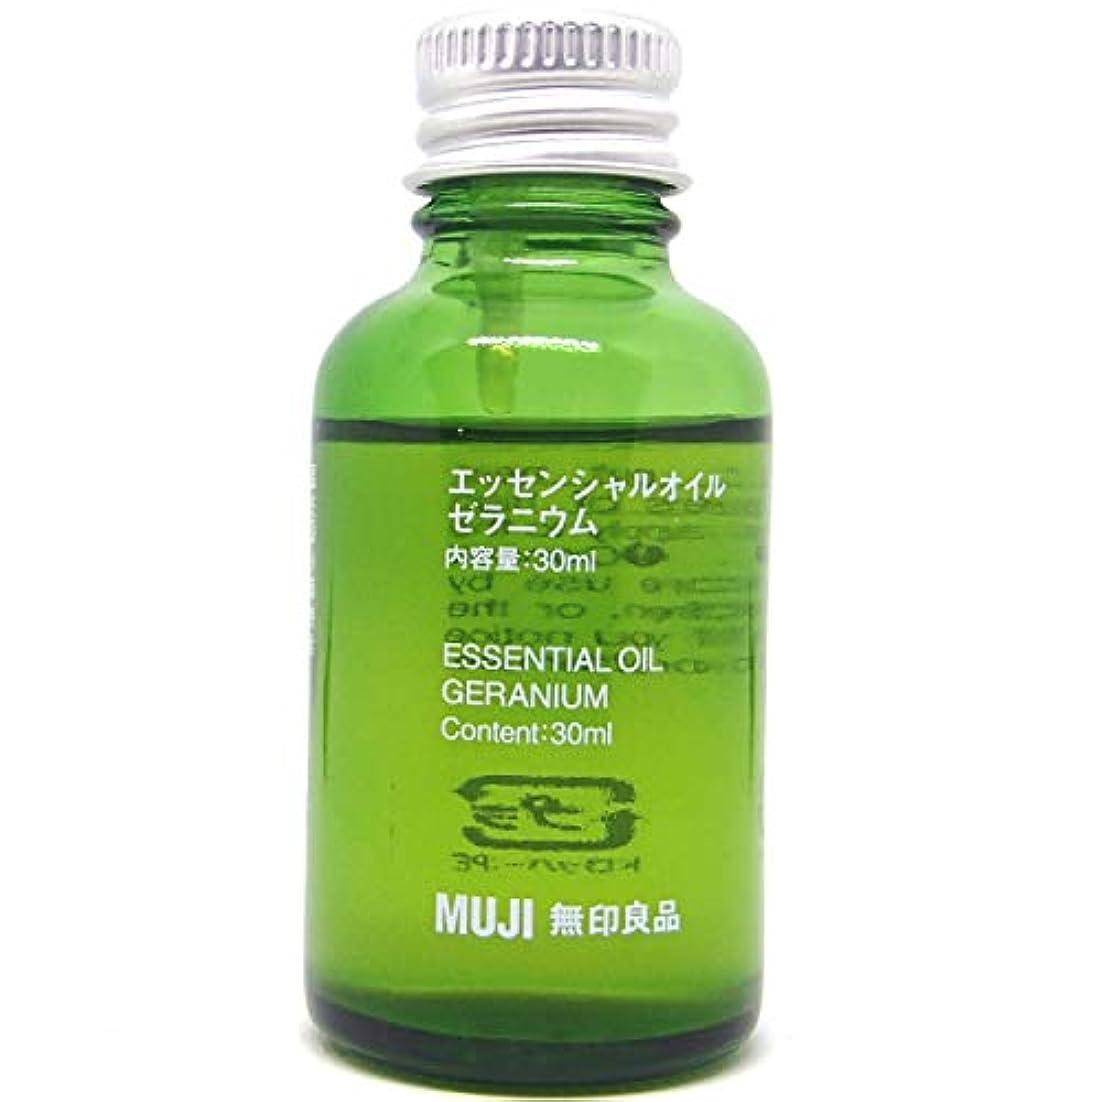 野菜公平な速記【無印良品】エッセンシャルオイル30ml(ゼラニウム)